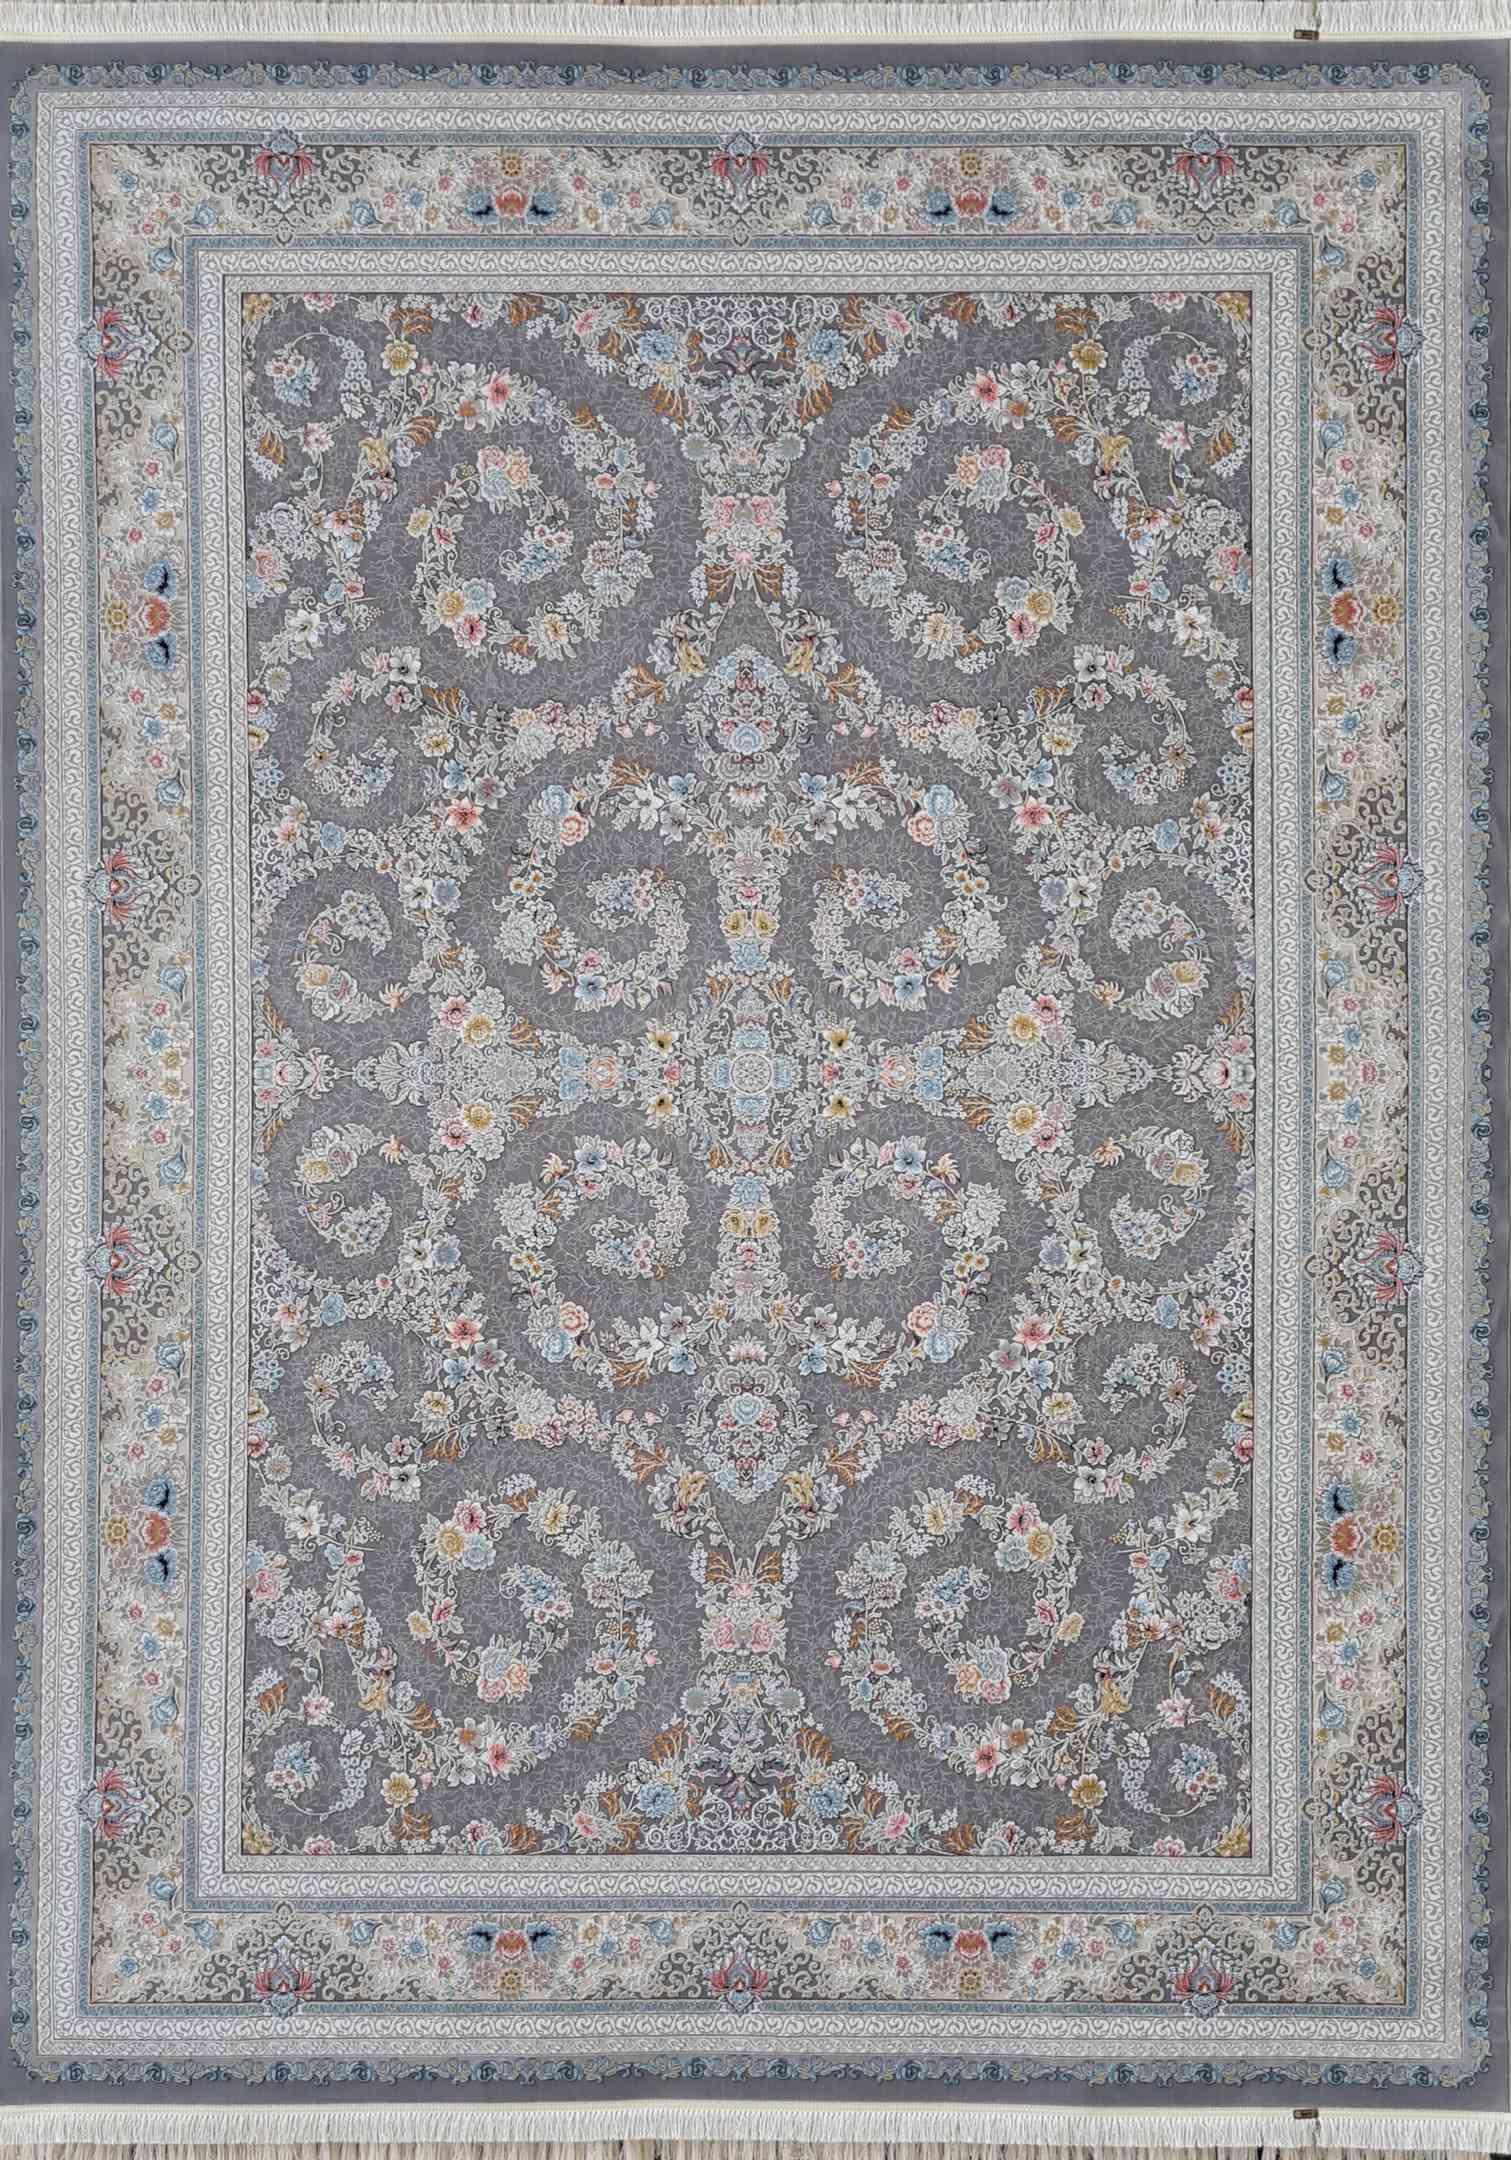 فرش 1000 شانه افشان گلبرجسته رنگ نقره ای